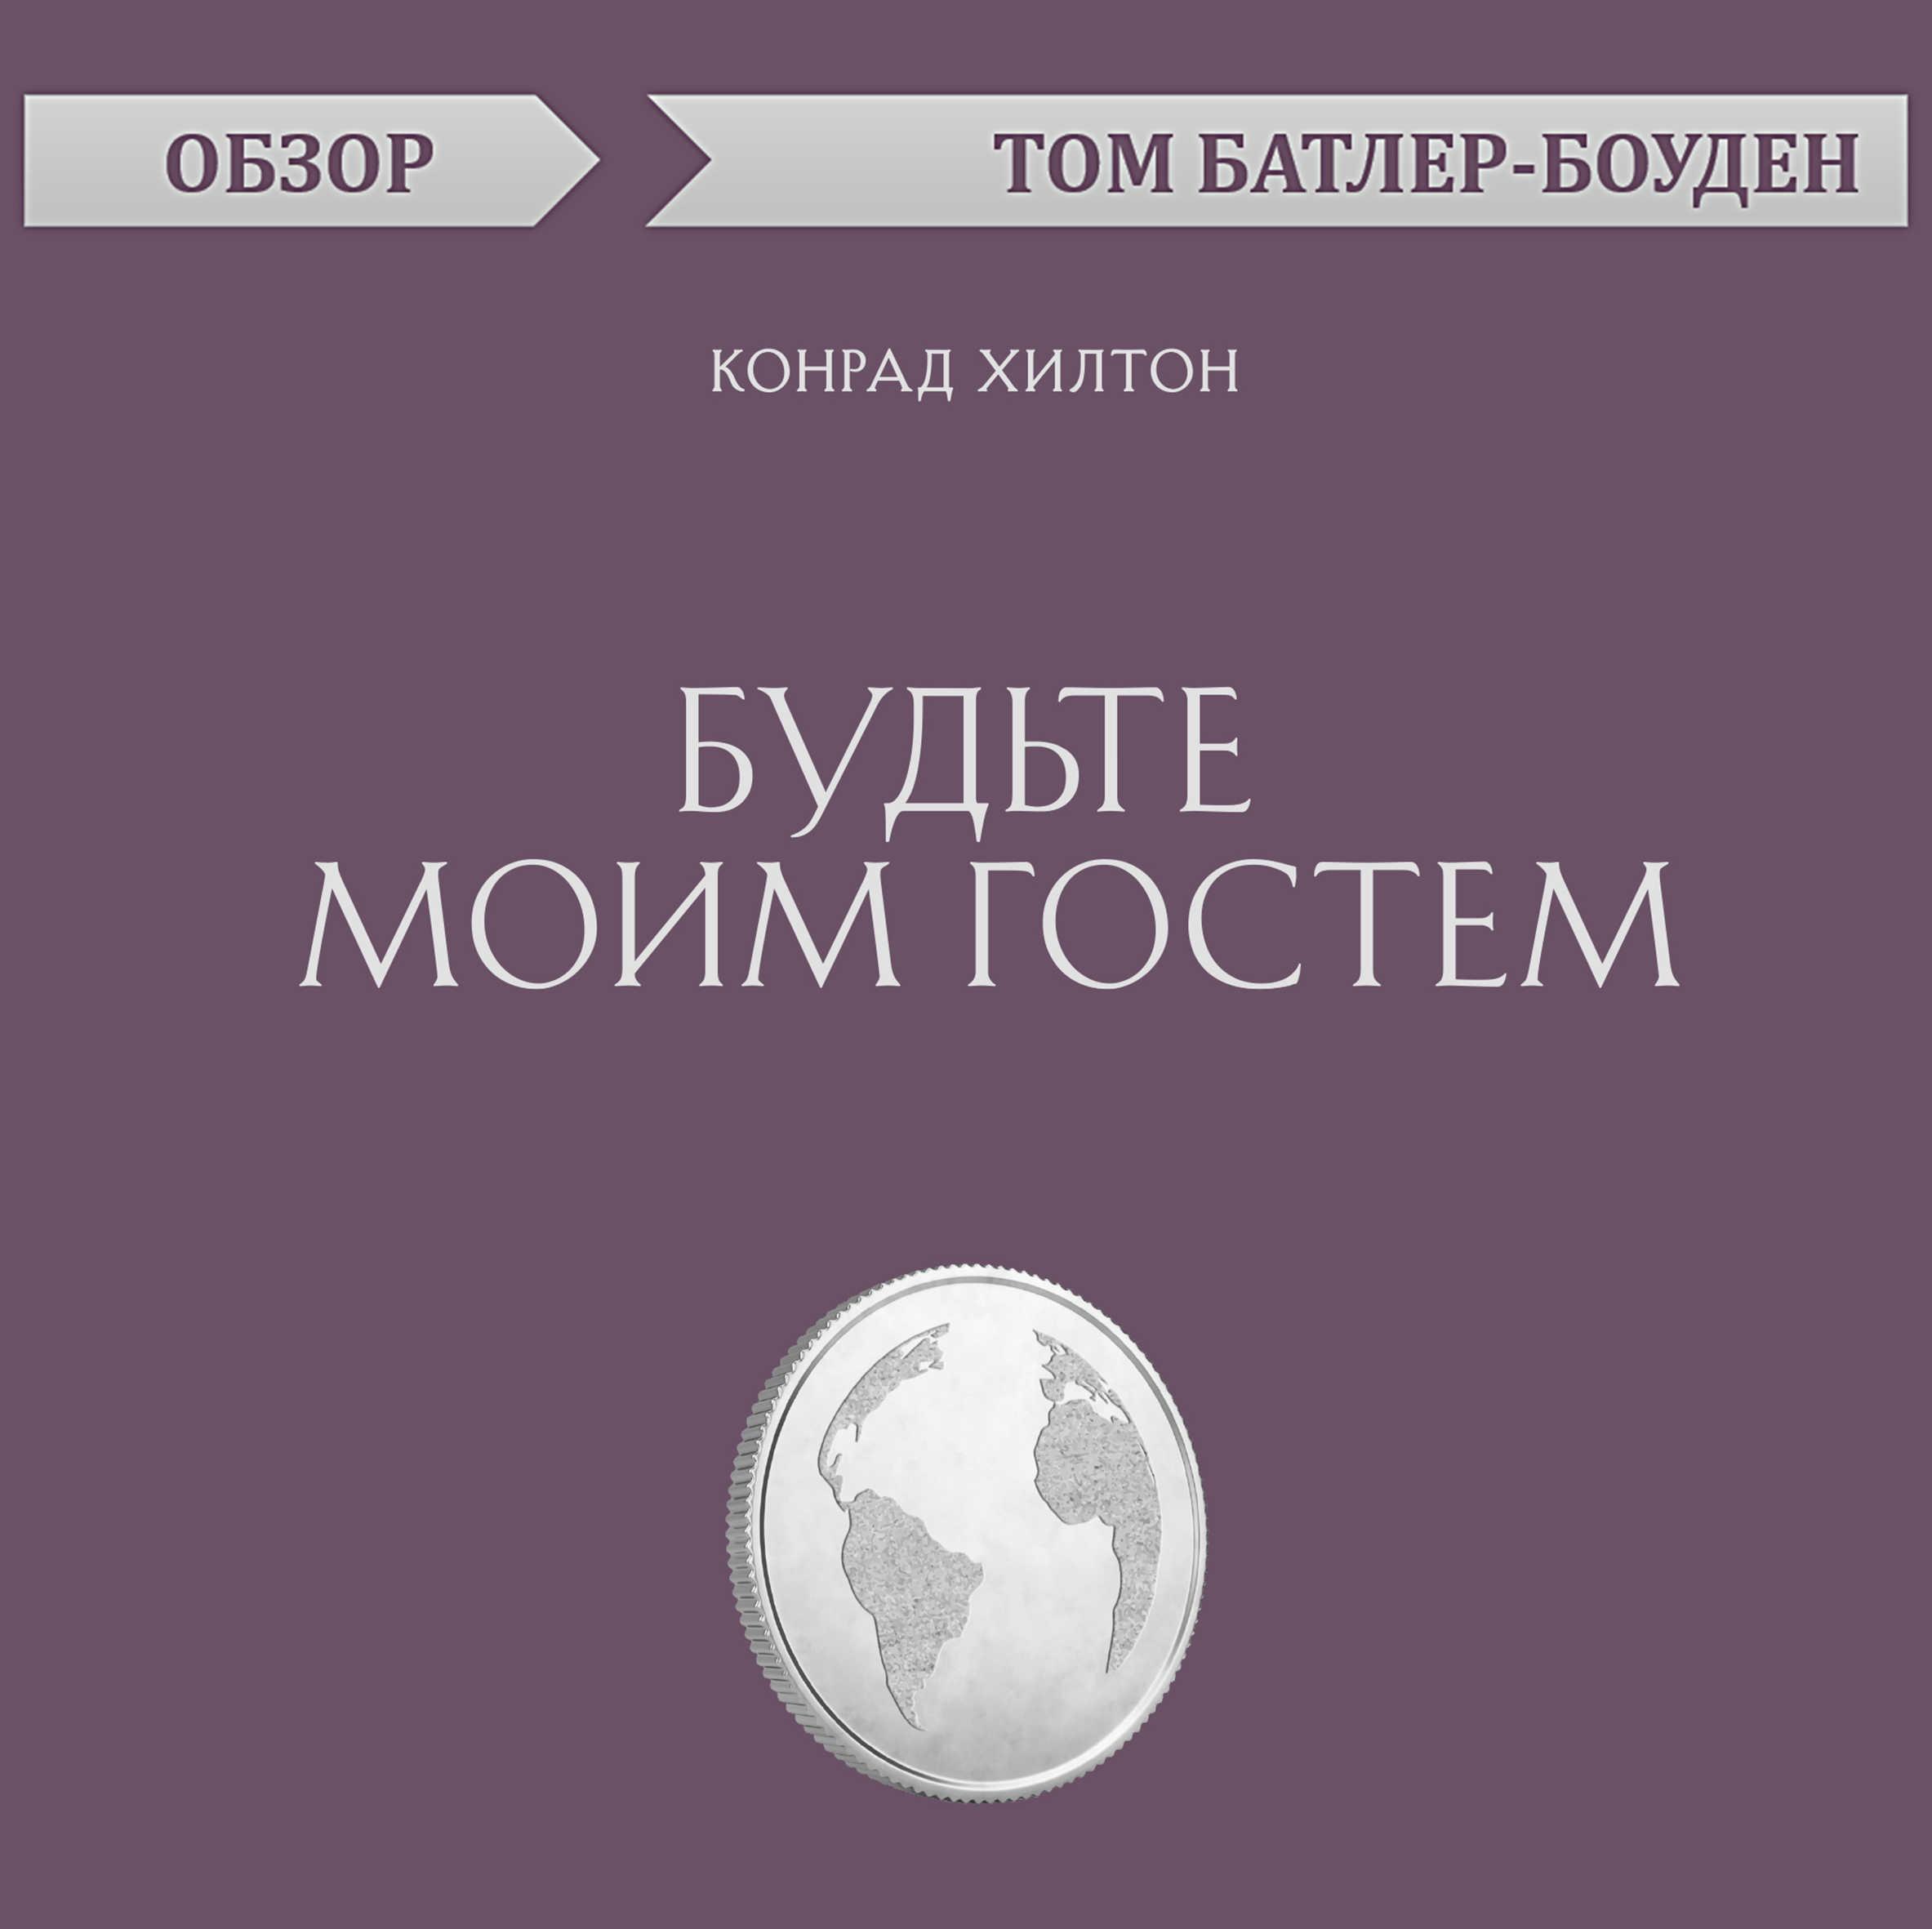 Купить книгу Будьте моим гостем. Конрад Хилтон (обзор), автора Тома Батлера-Боудона